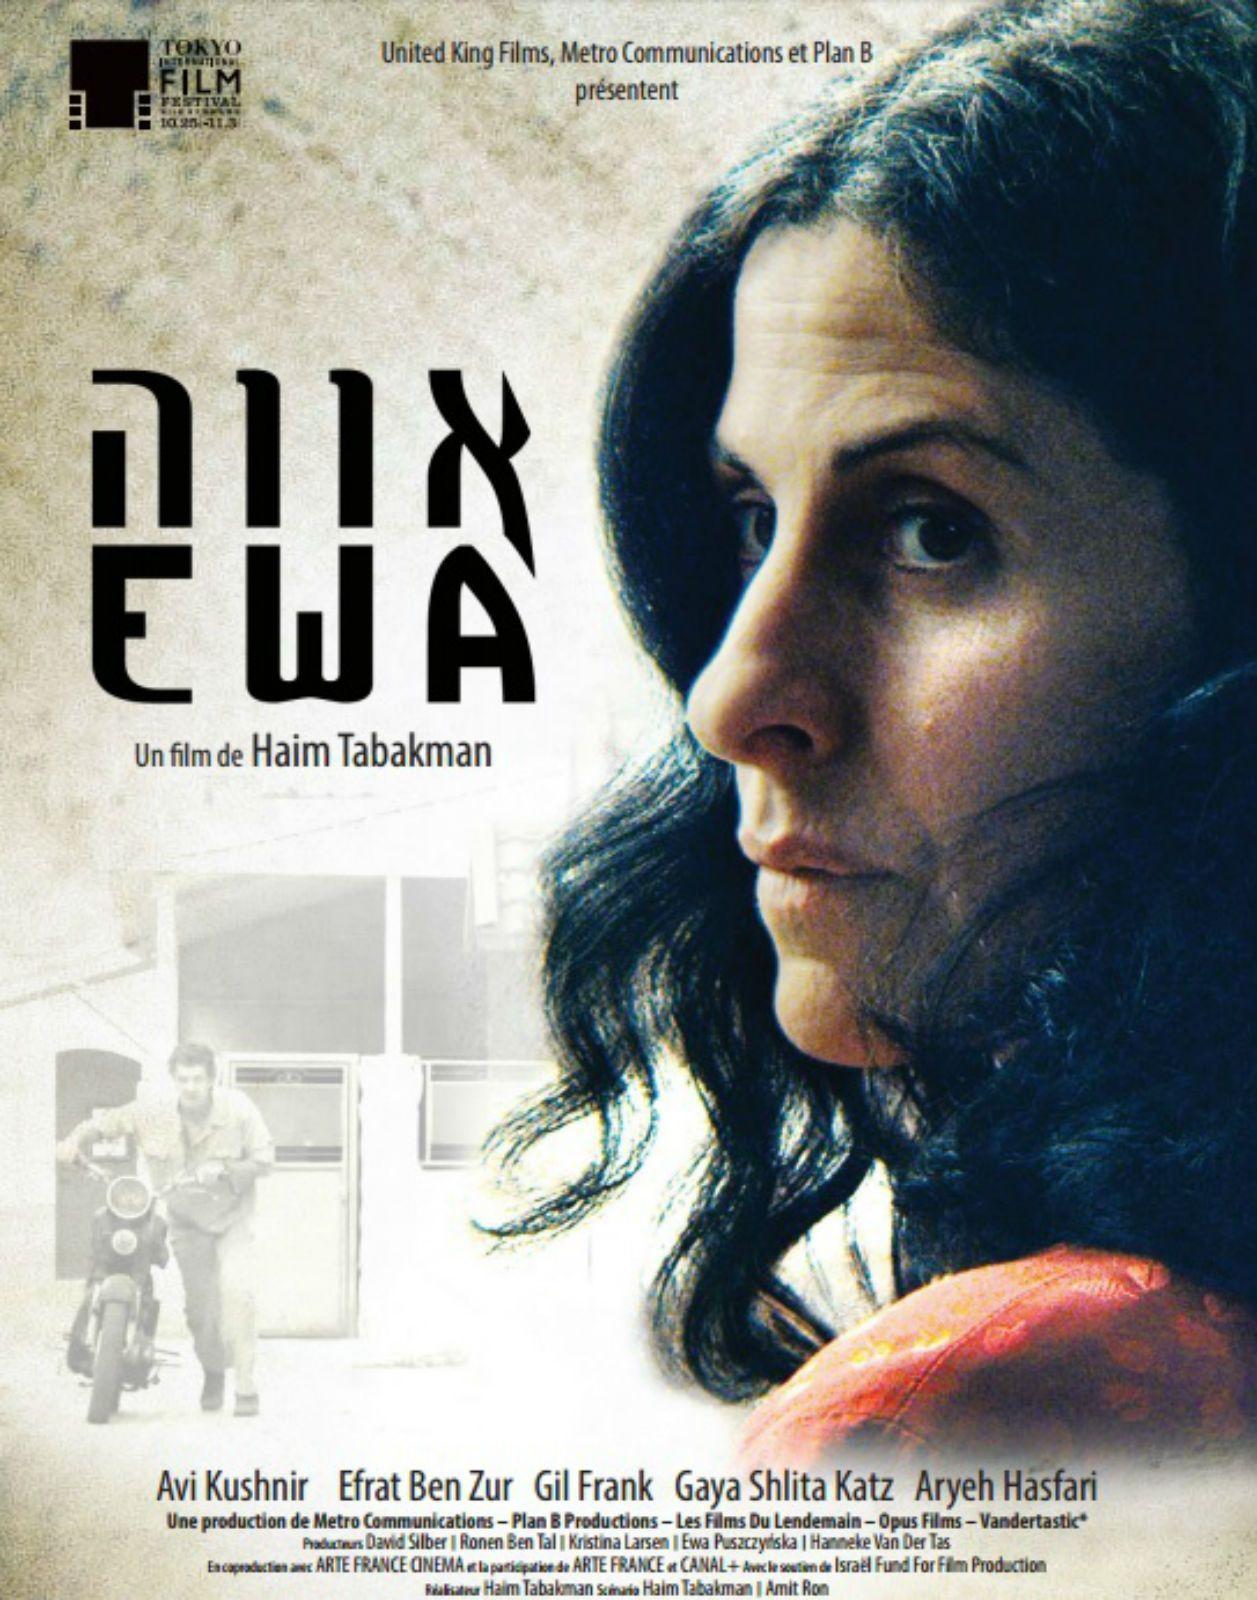 Ewa, de Haim Tabakman